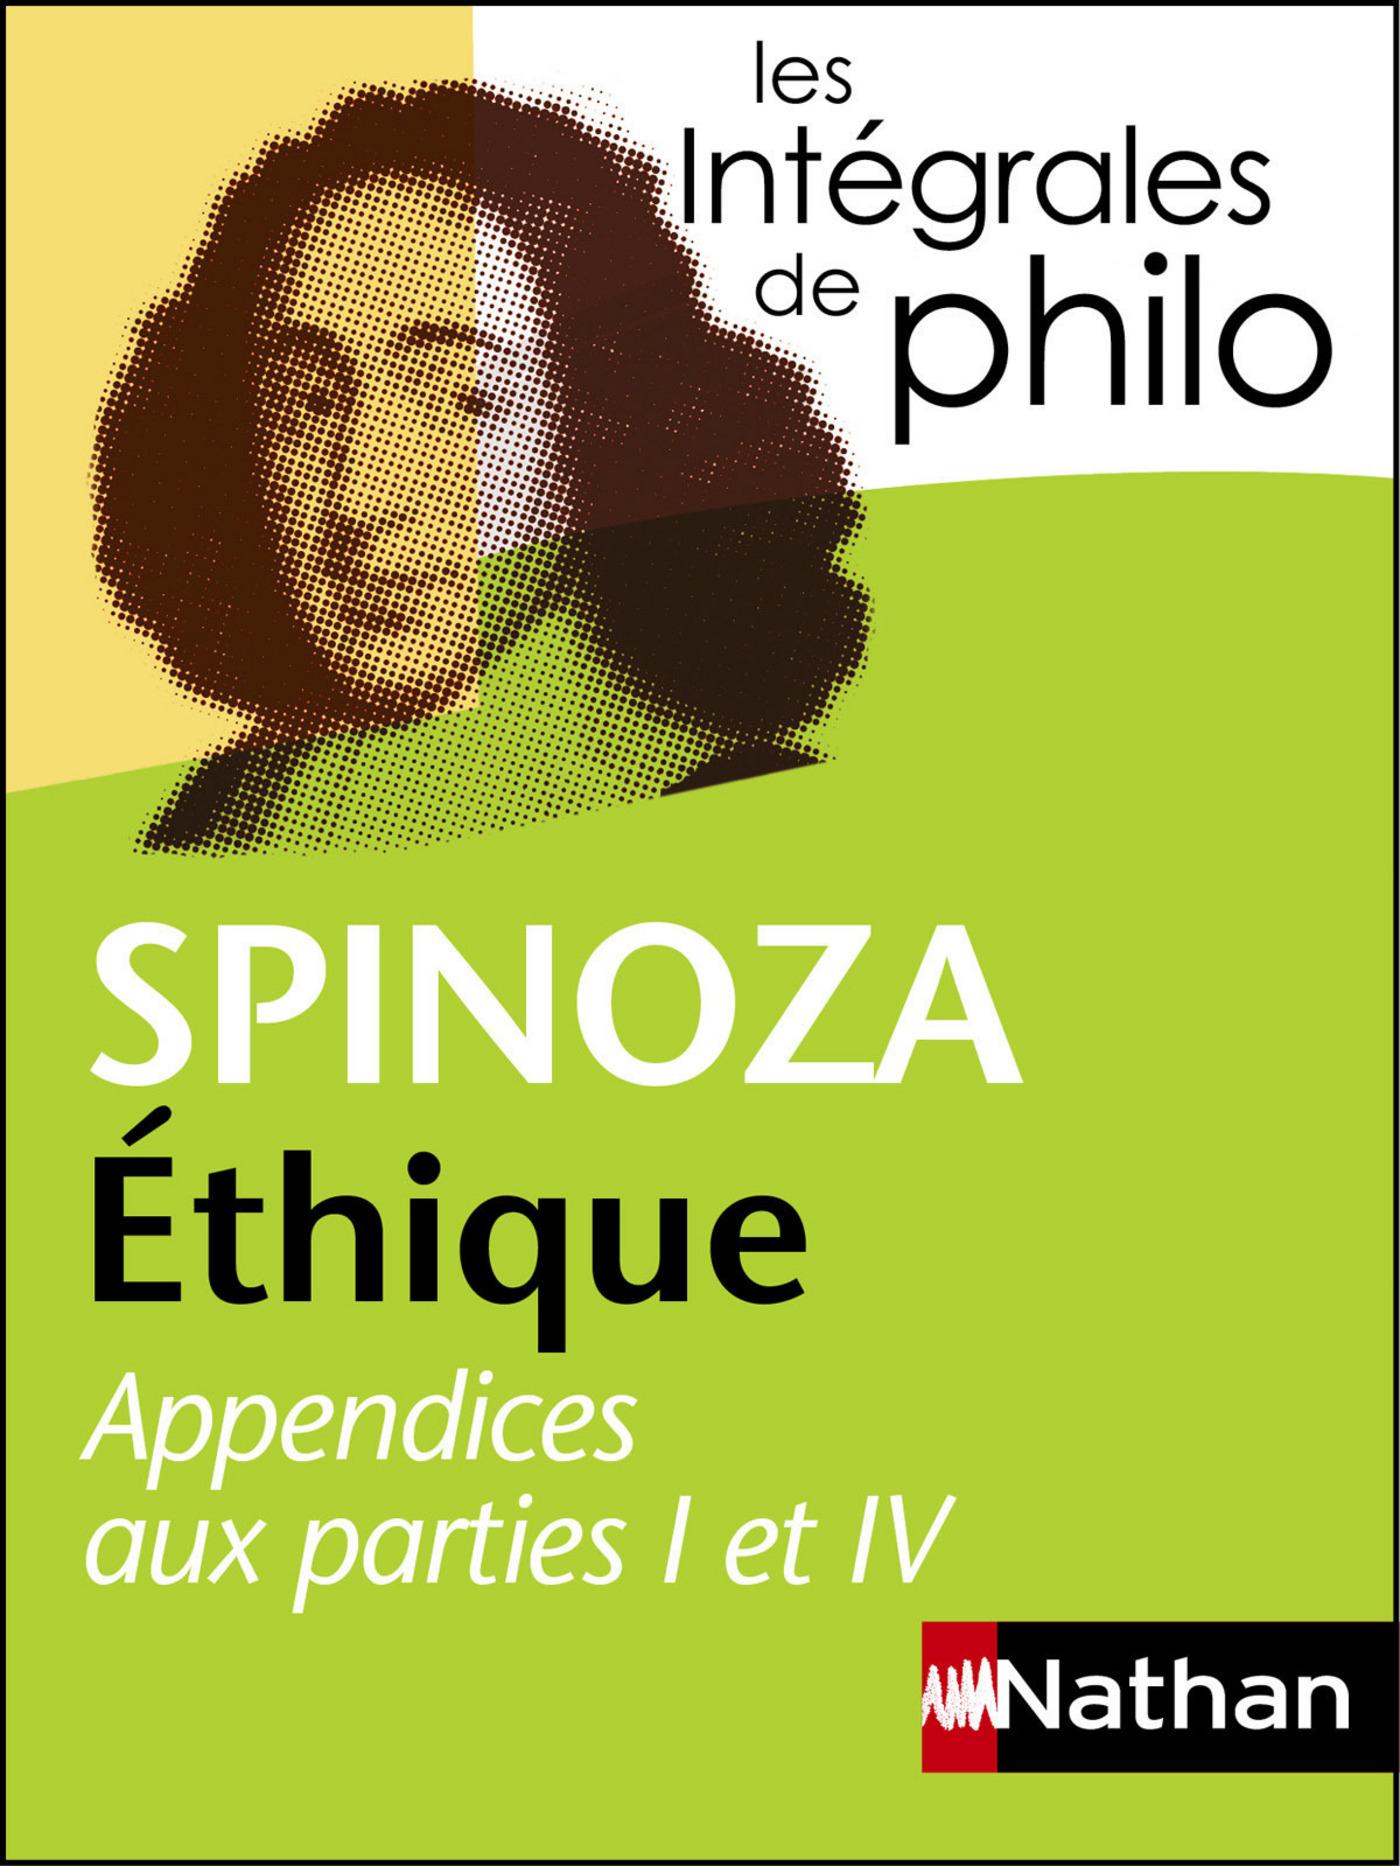 Intégrales de Philo - SPINOZA, Ethique (Appendices aux parties I et IV)